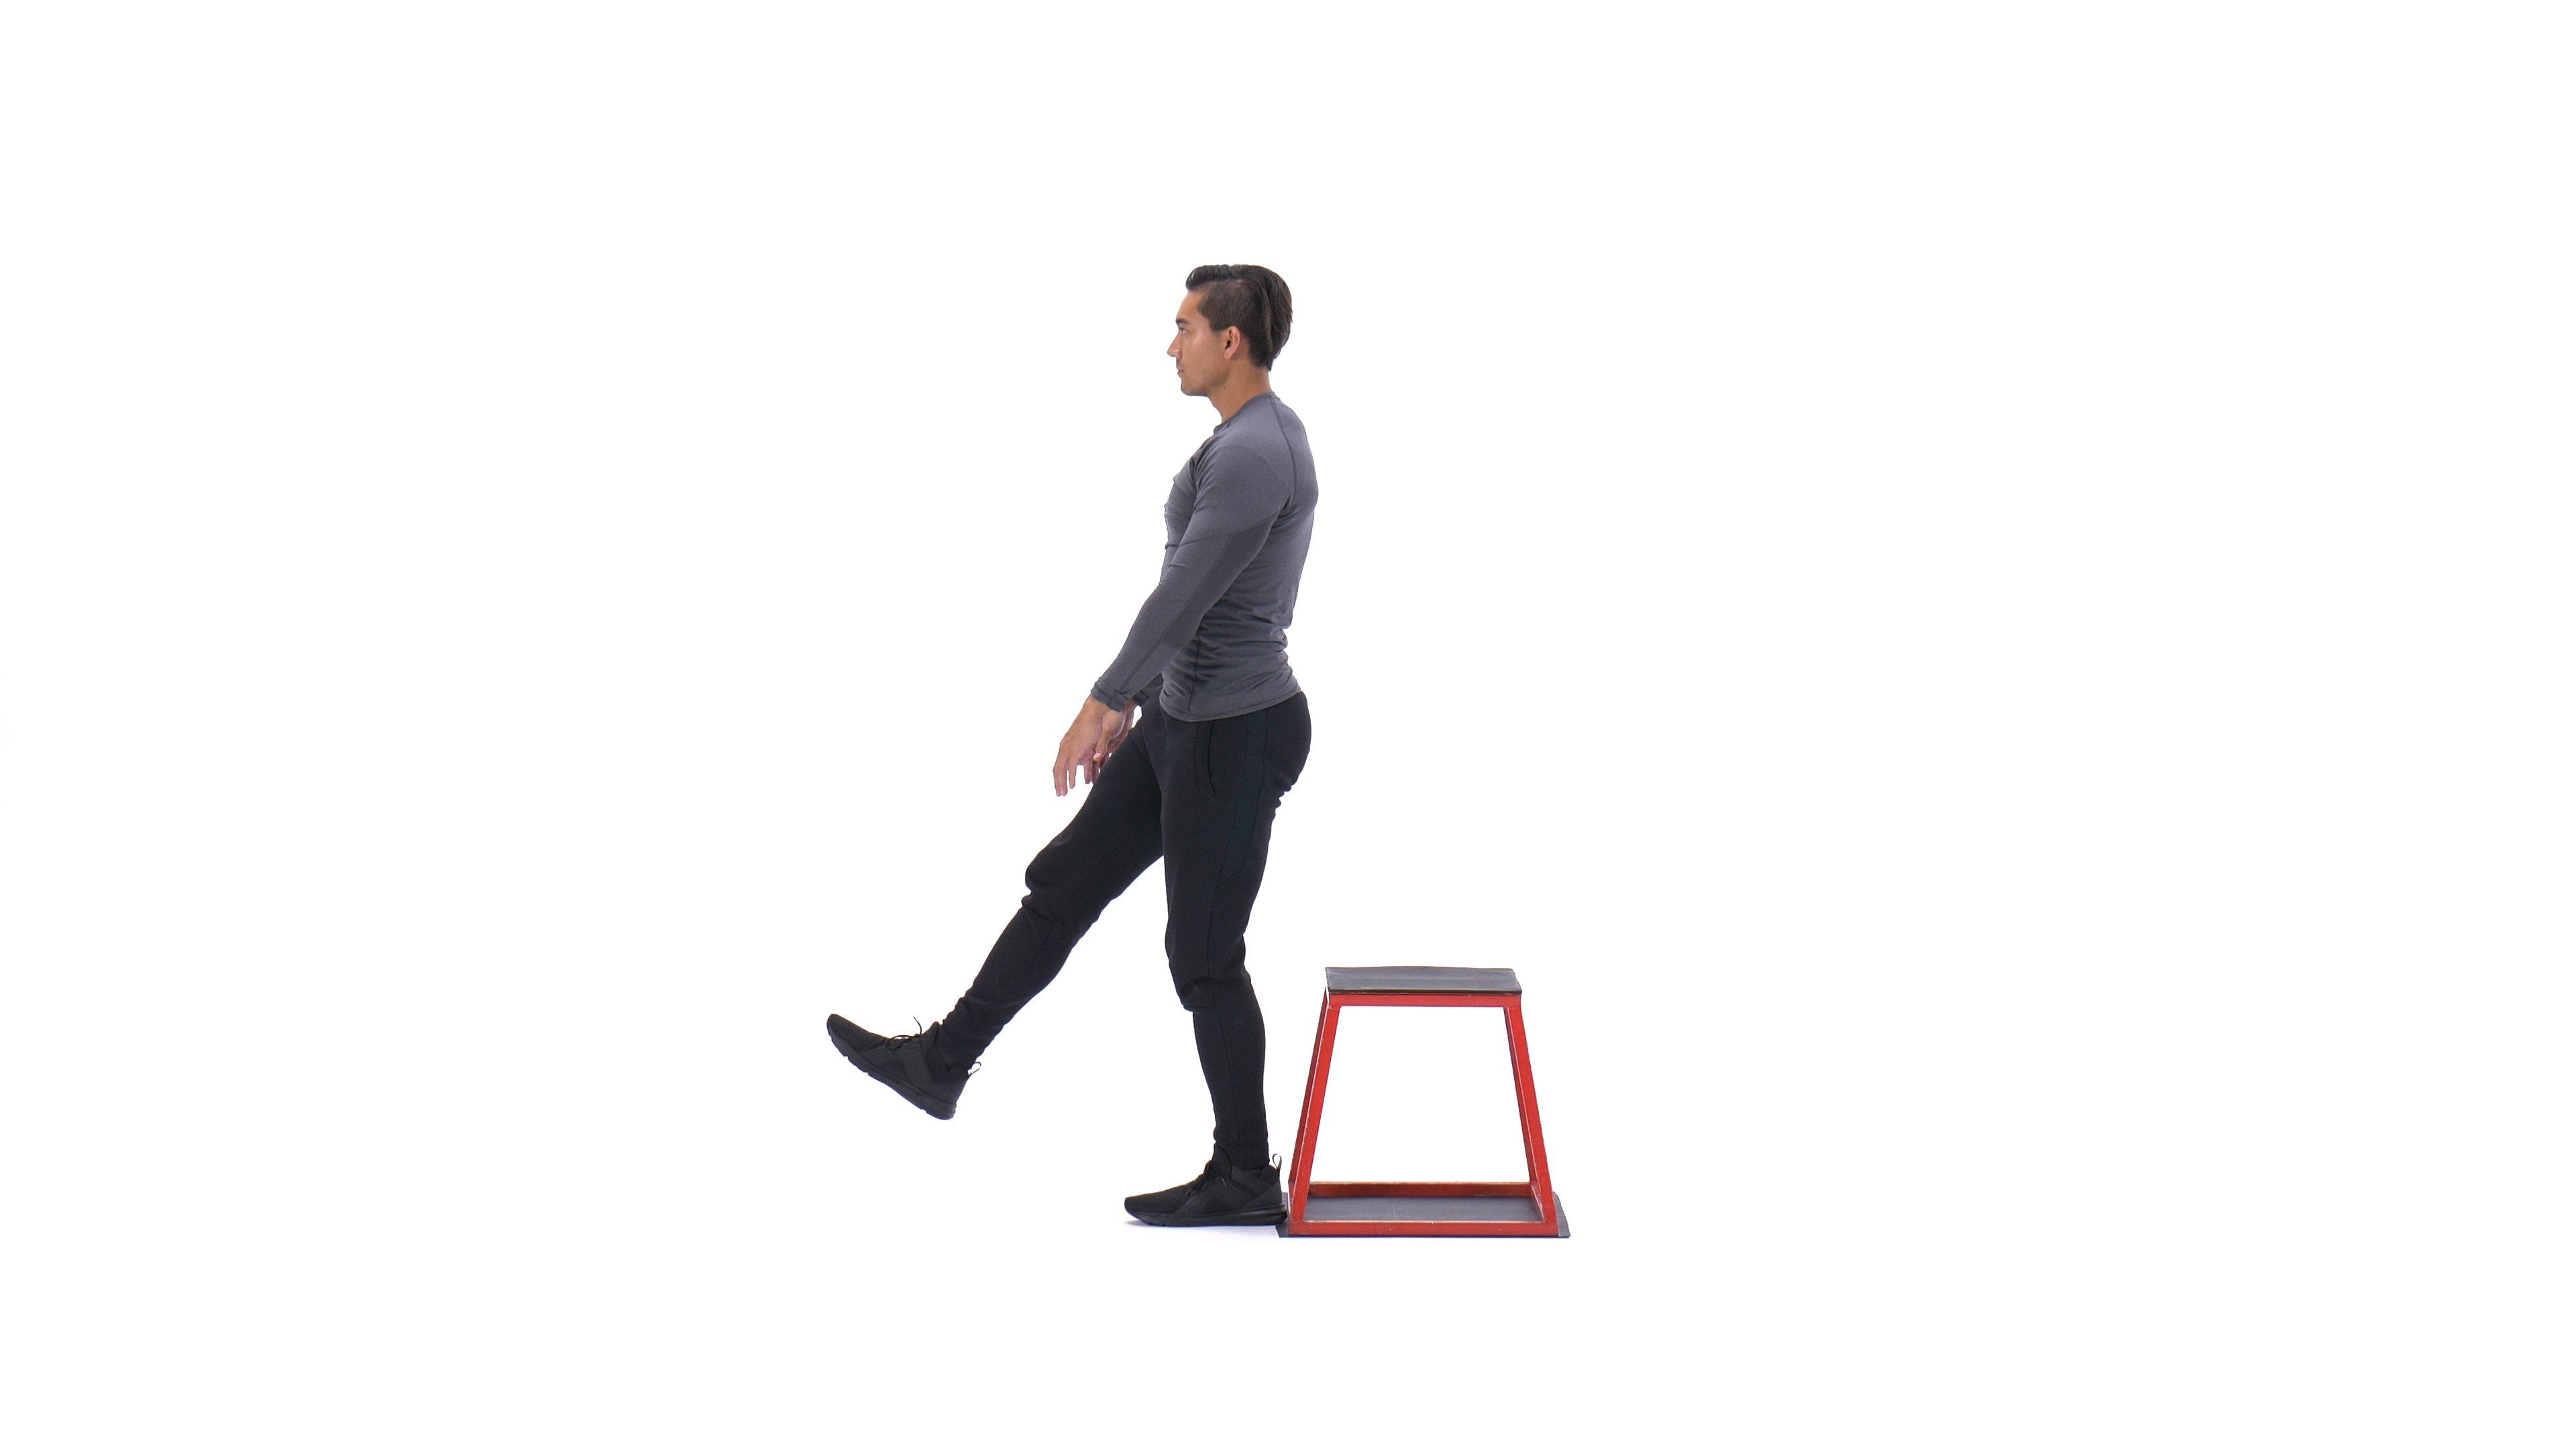 Single-leg box squat image